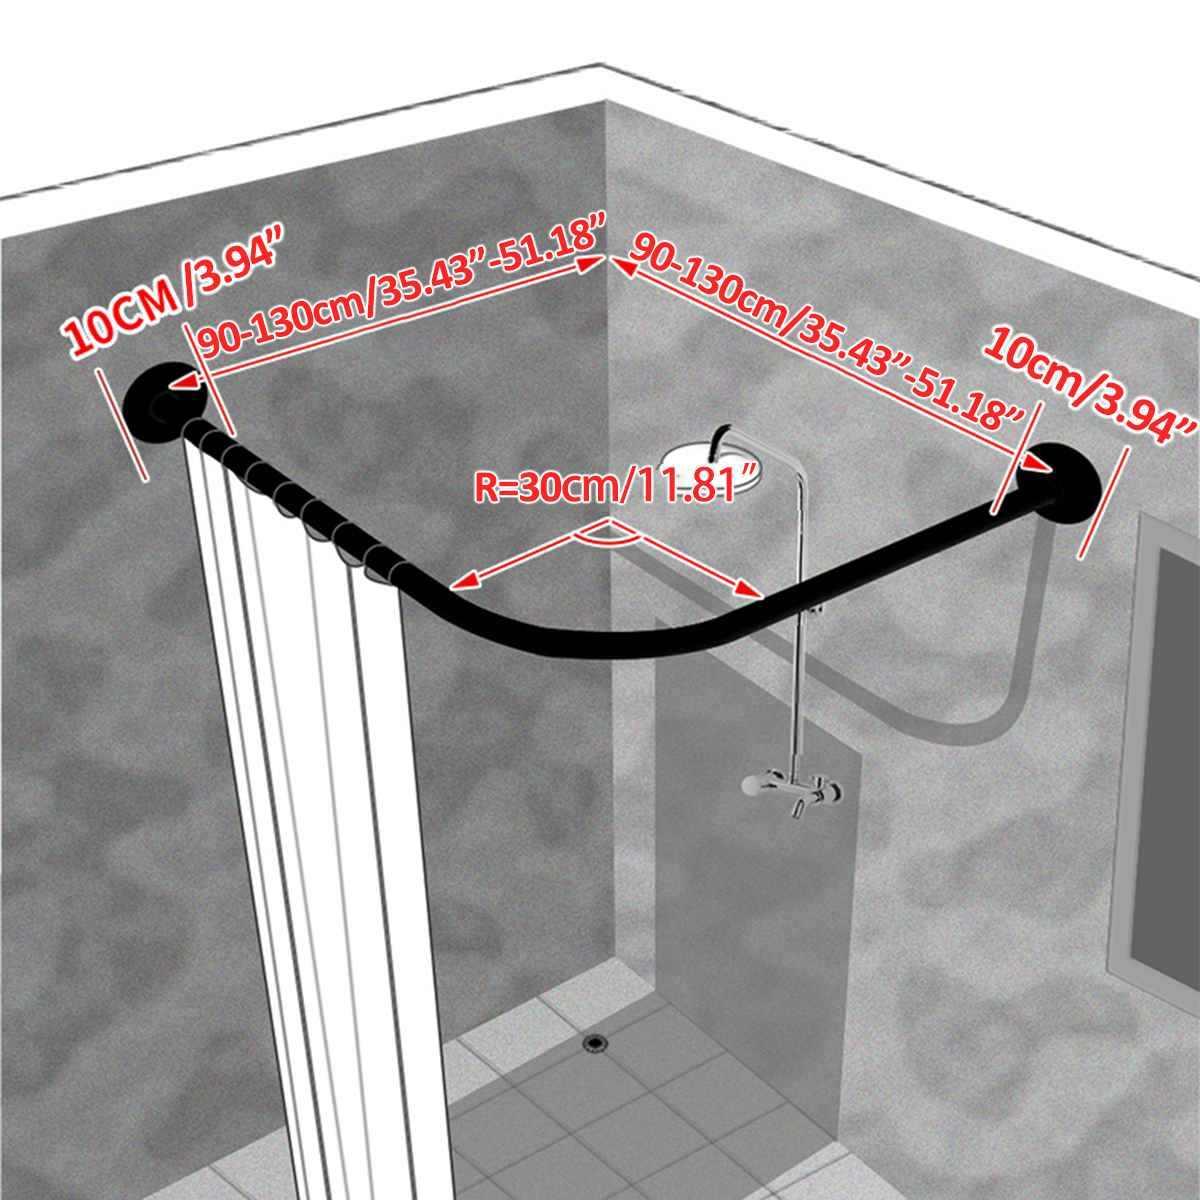 拡張可能なコーナーシャワーカーテンロッドポール 90-130 センチメートルステンレス鋼レールロッドバー高品質風呂ハードウェア重いロードされた